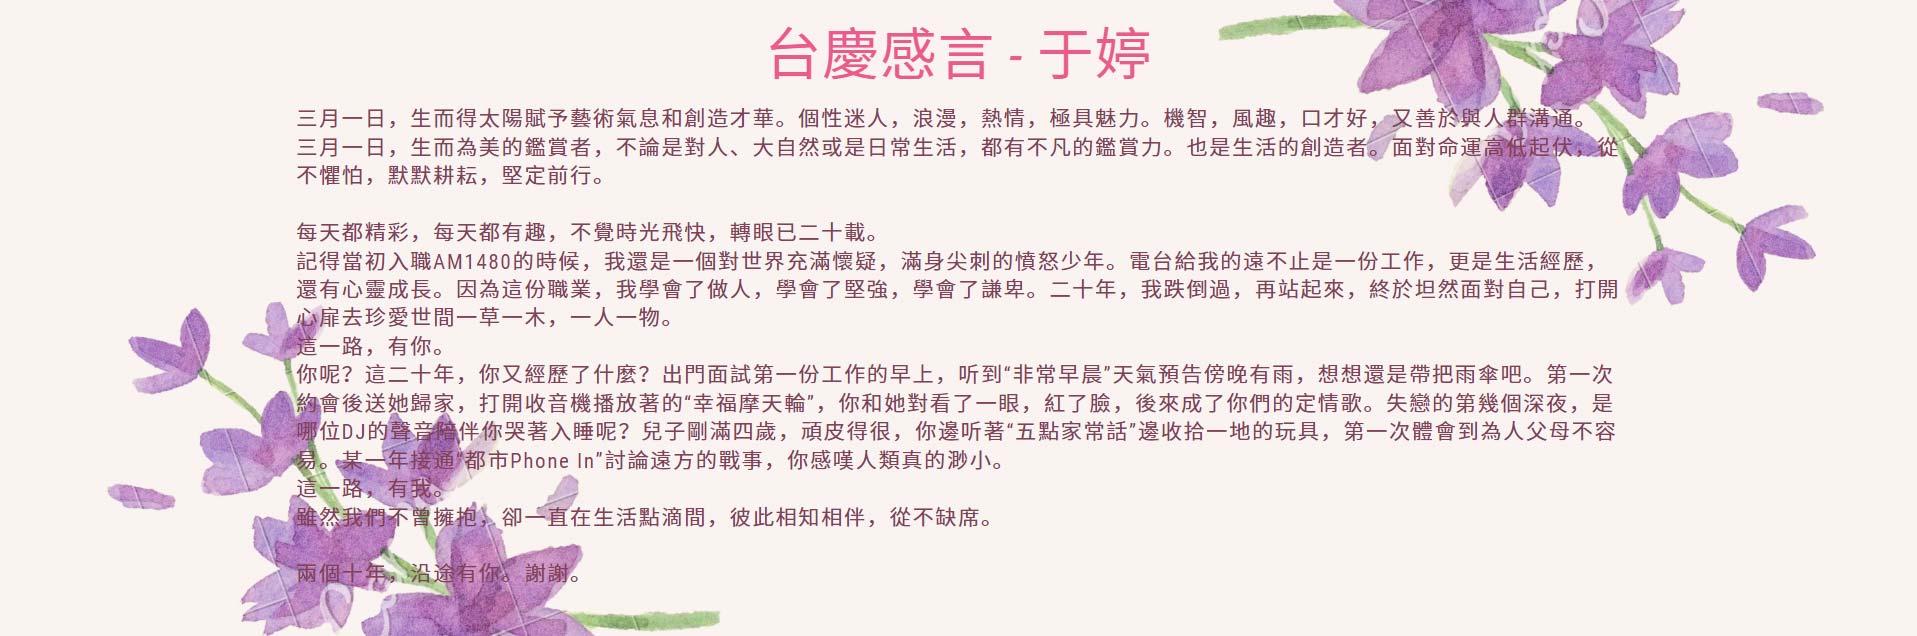 台慶感言 - 于婷web